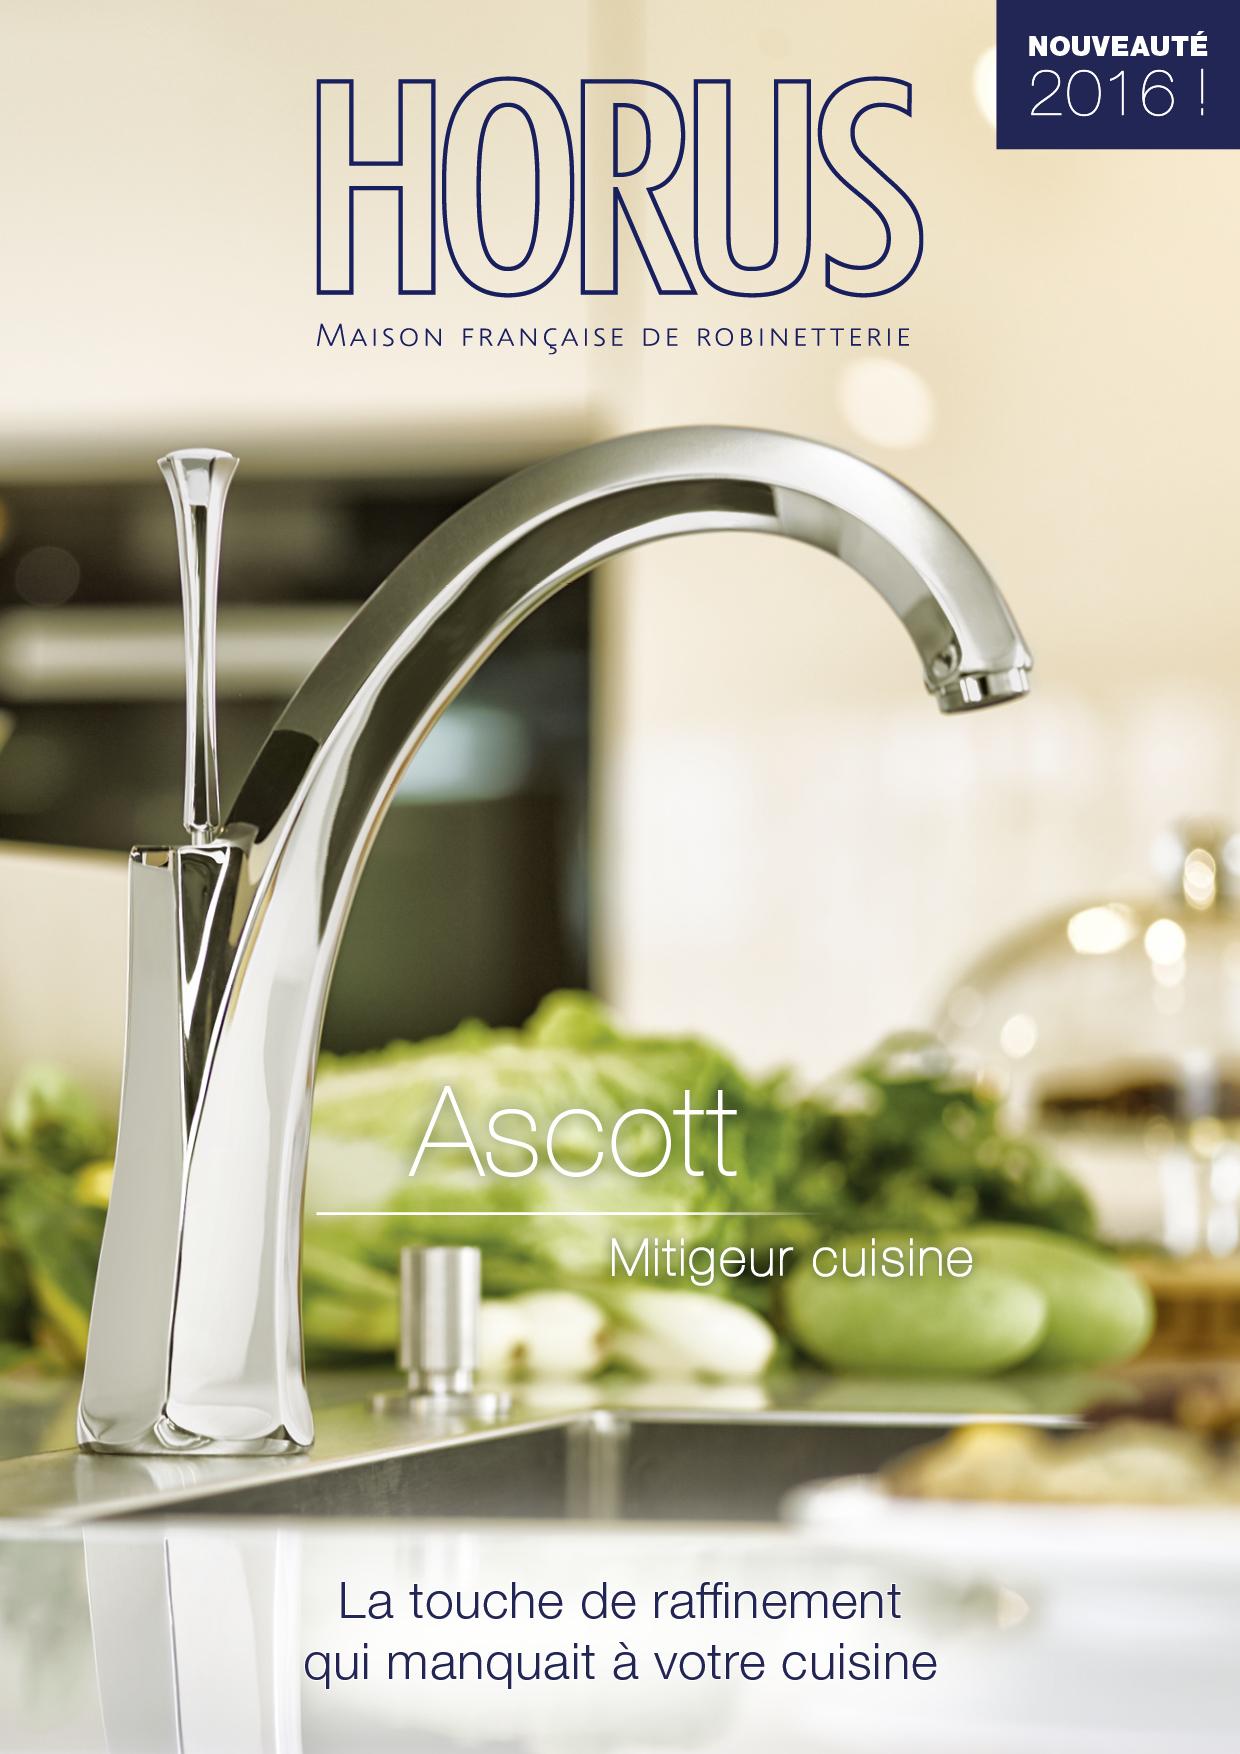 HORUS Ascott kitchen brochures